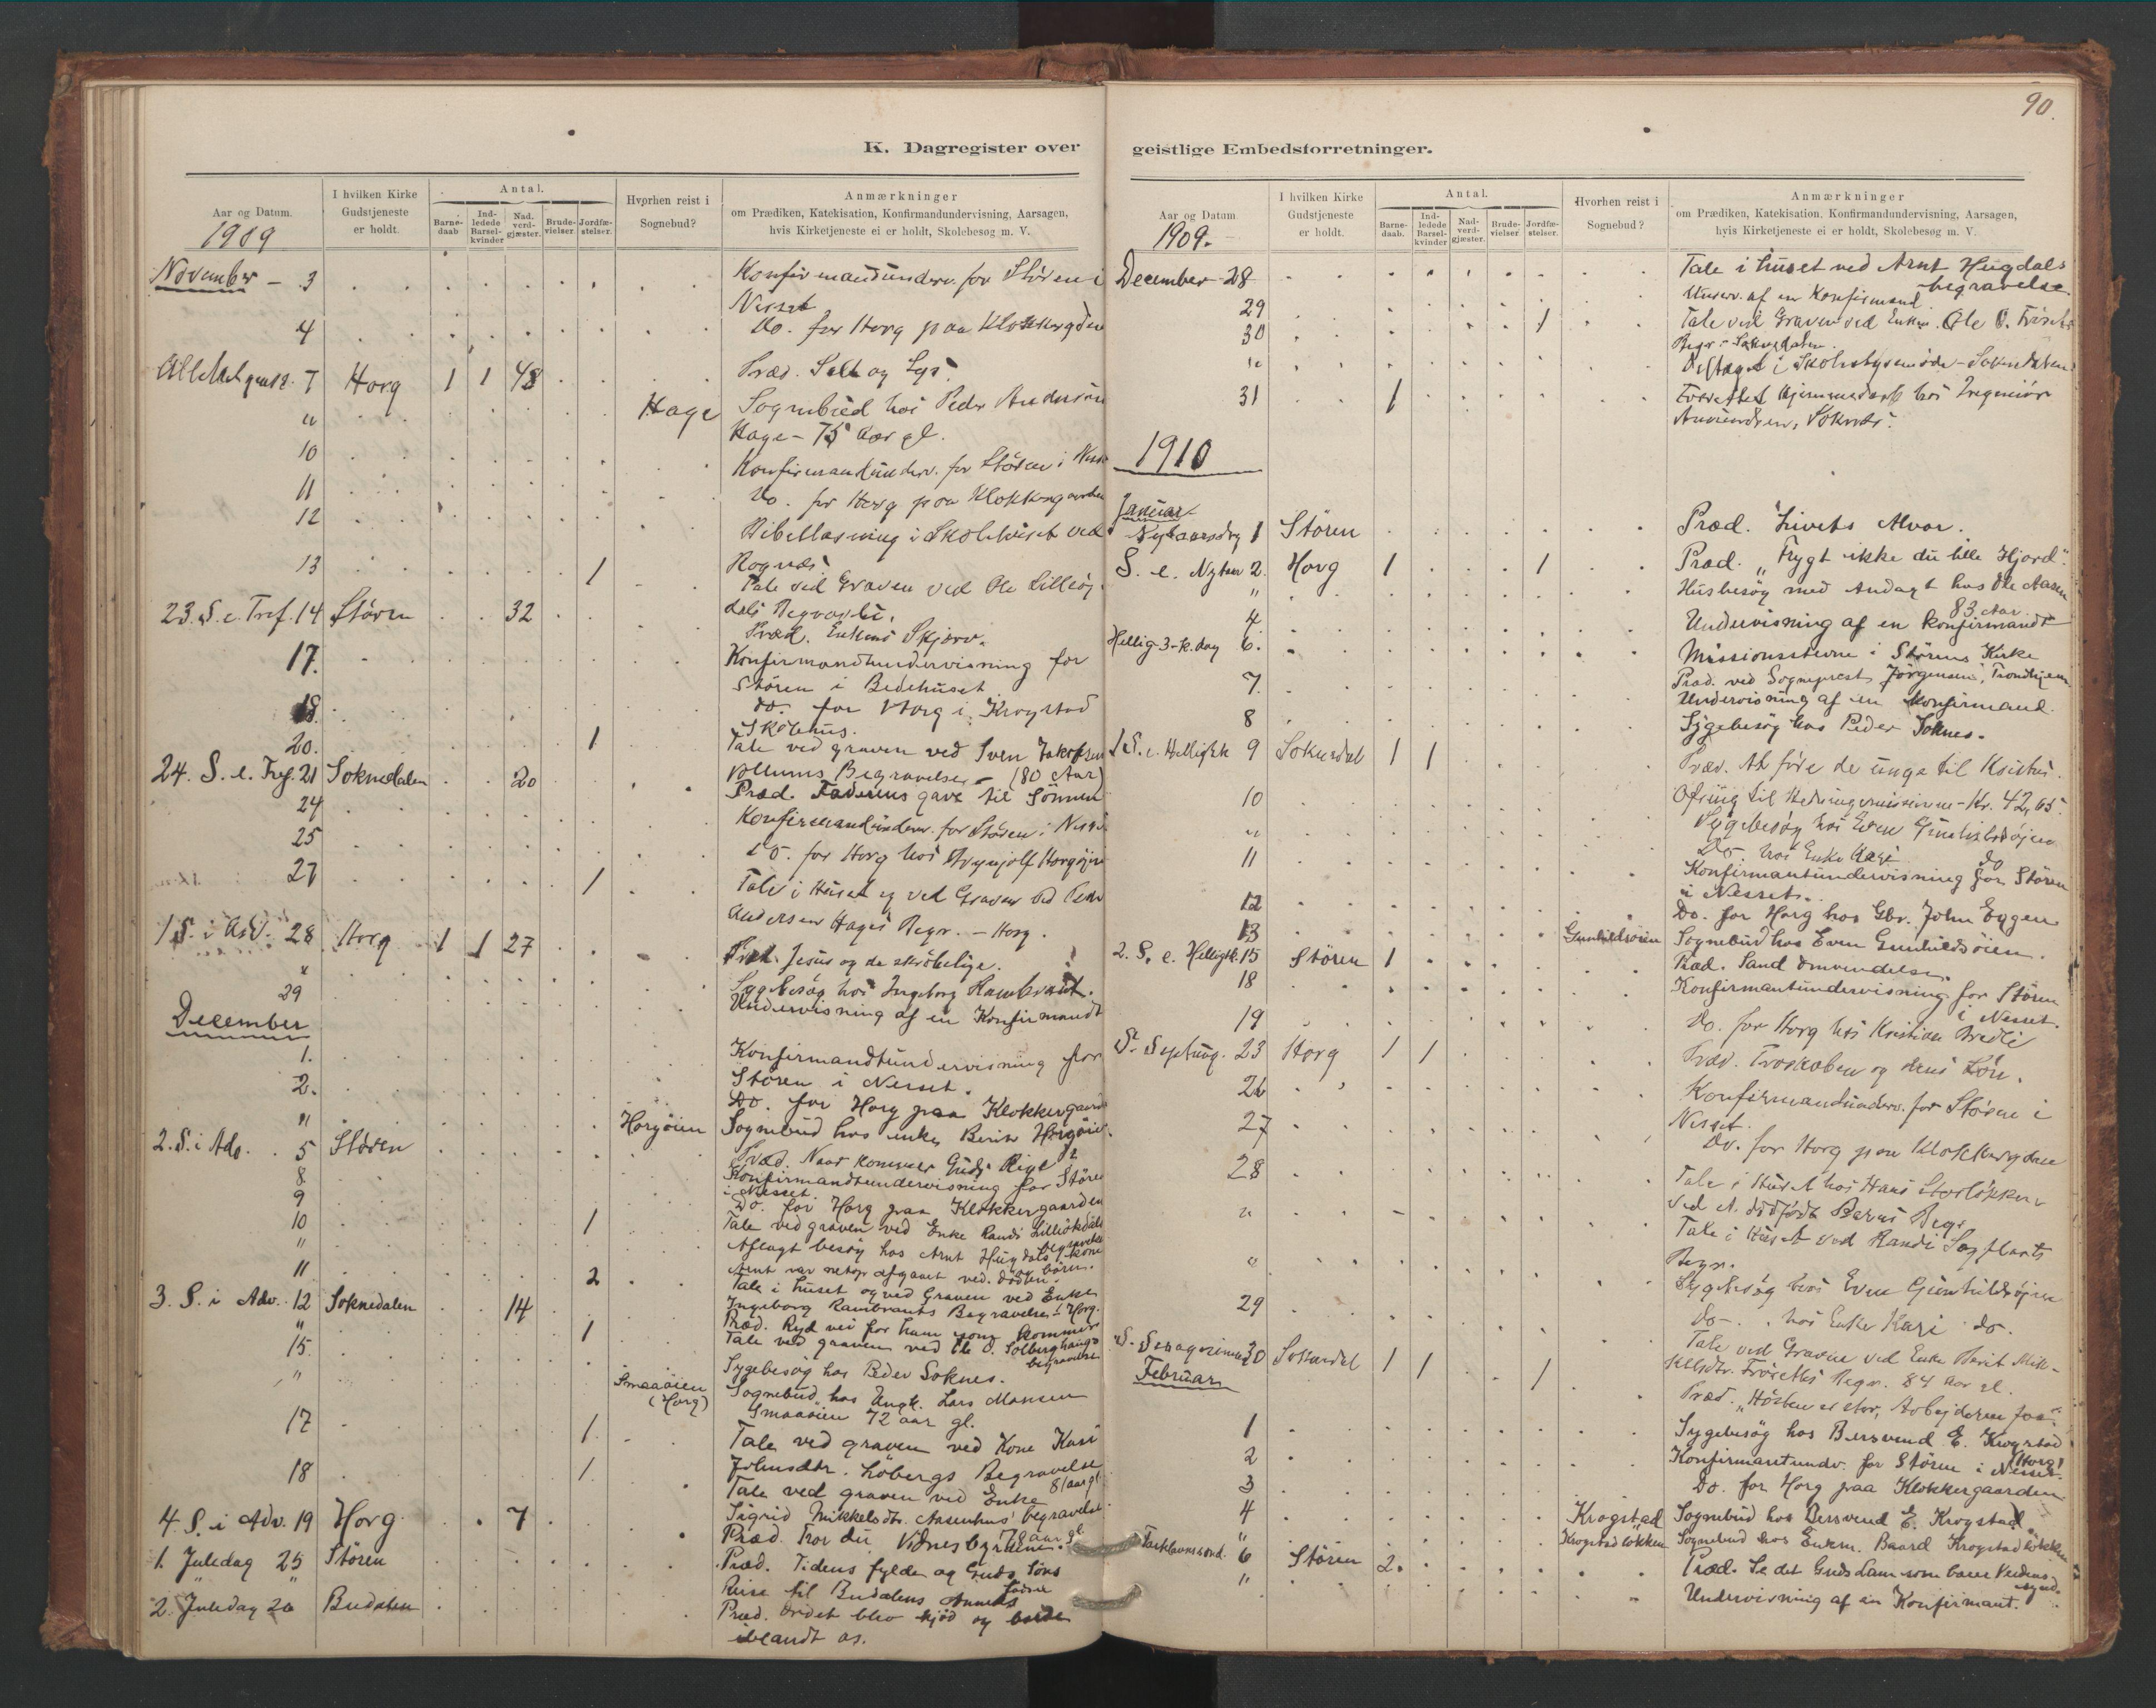 SAT, Ministerialprotokoller, klokkerbøker og fødselsregistre - Sør-Trøndelag, 687/L1012: Dagregister nr. 687B01, 1887-1914, s. 90